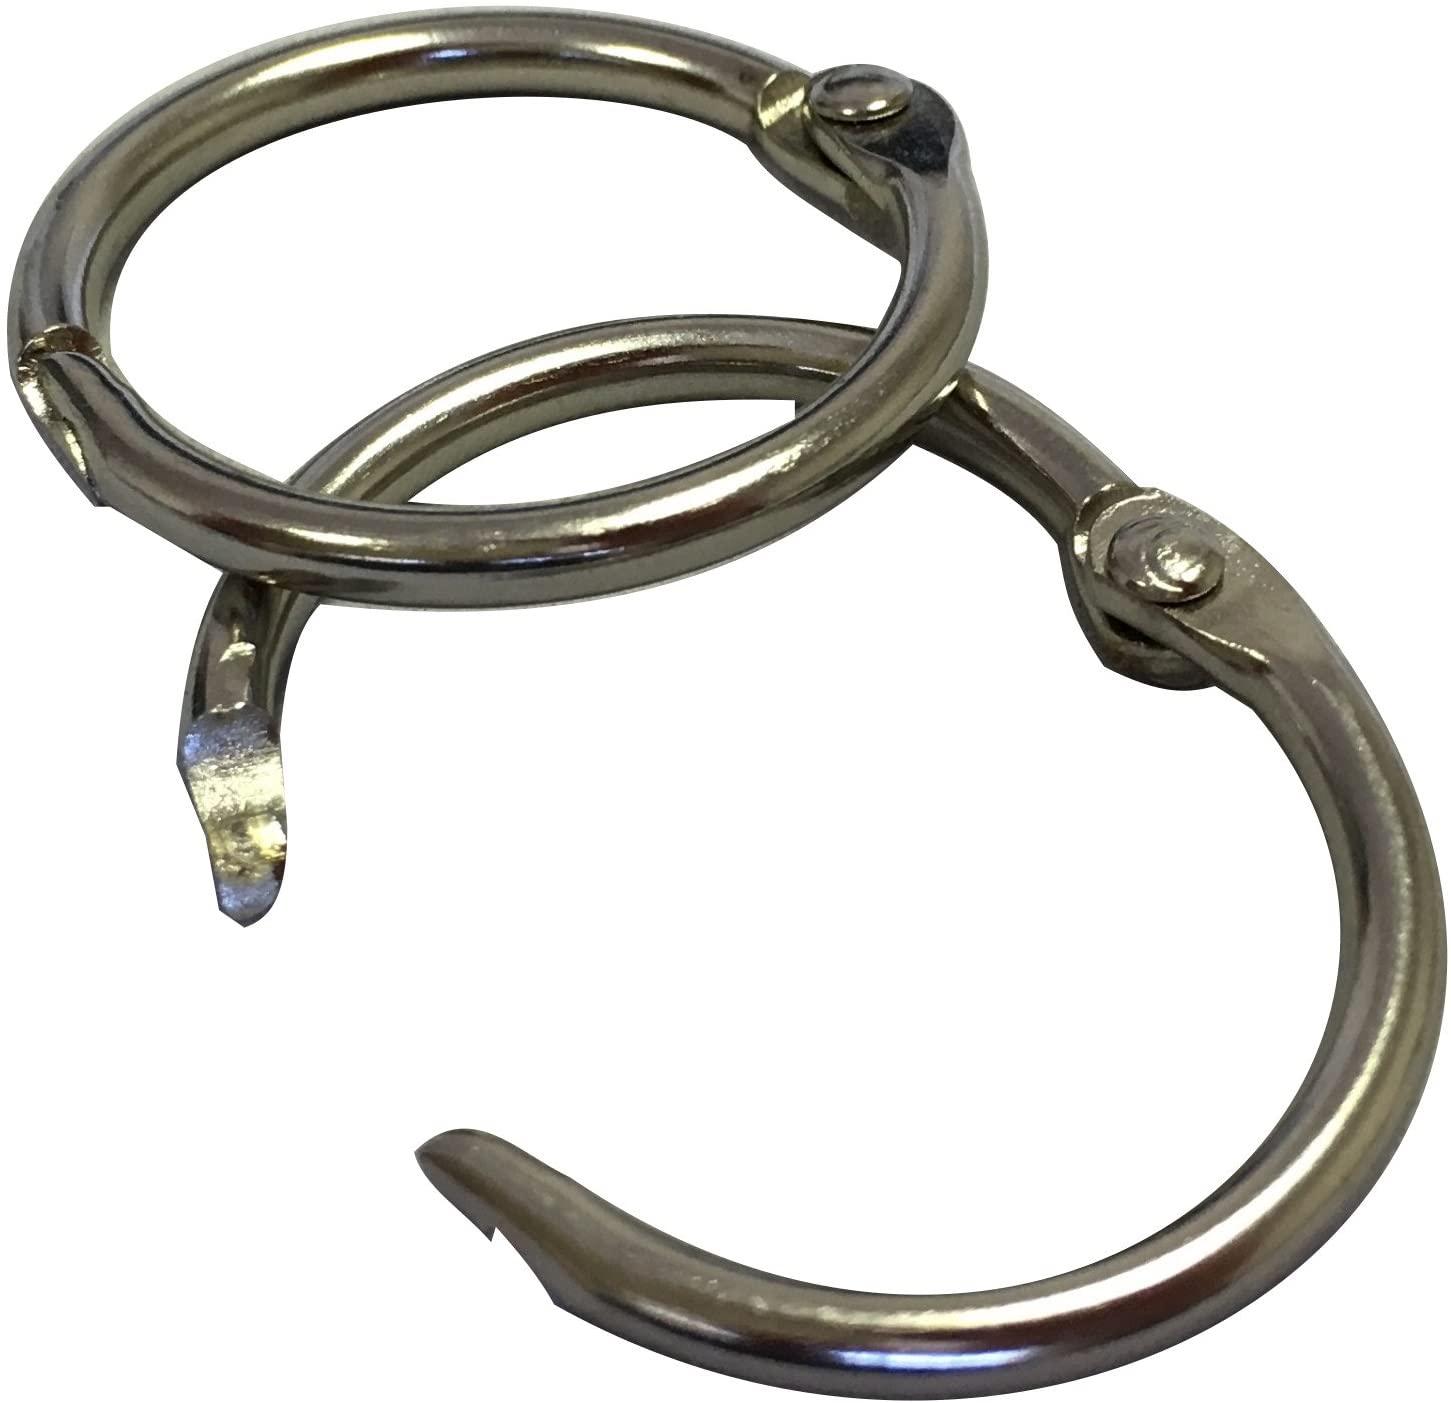 Loose Leaf Binder Rings, 3/4 Inch (19mm) Capacity, 100 Pack, Silver